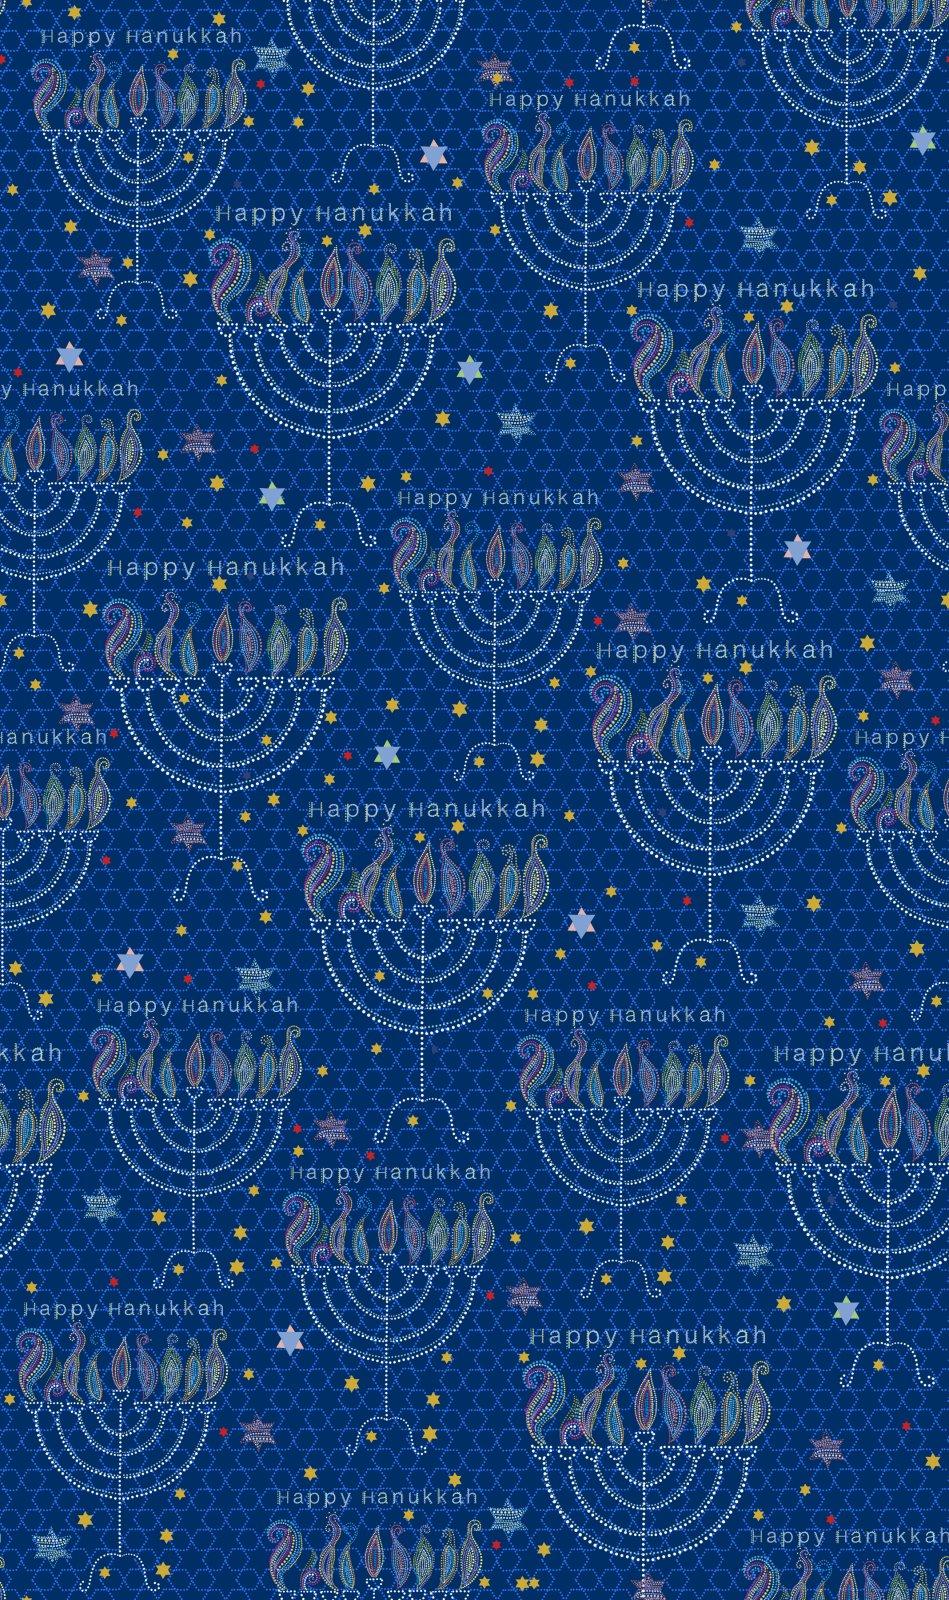 QT- Happy Hanukkah (Menorahs) Navy